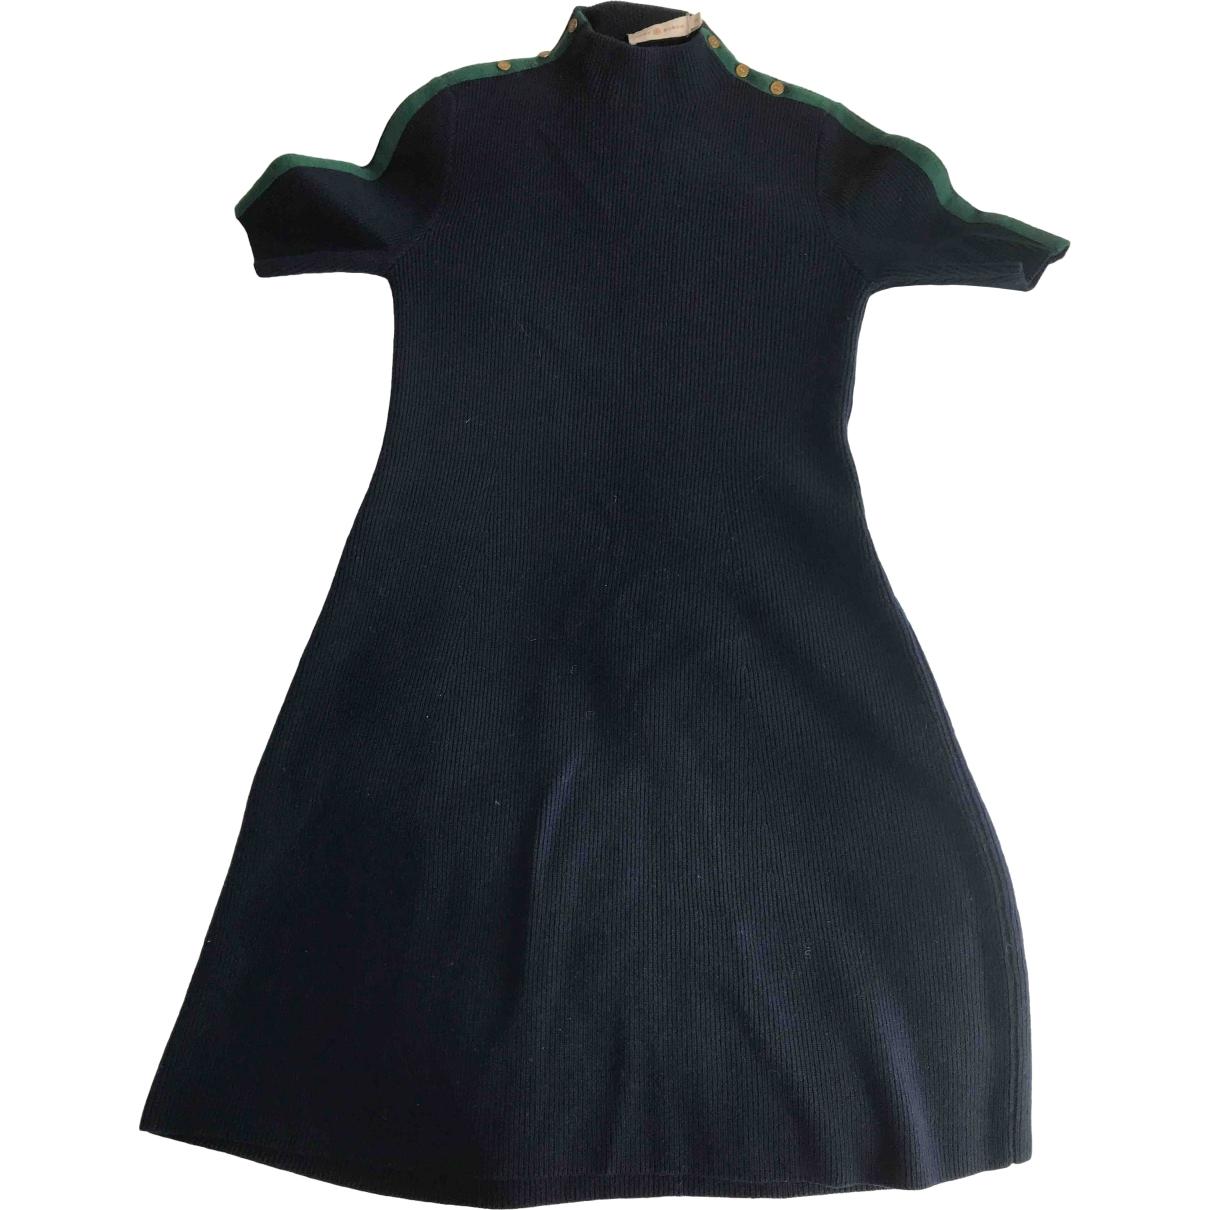 Tory Burch \N Kleid in  Blau Wolle